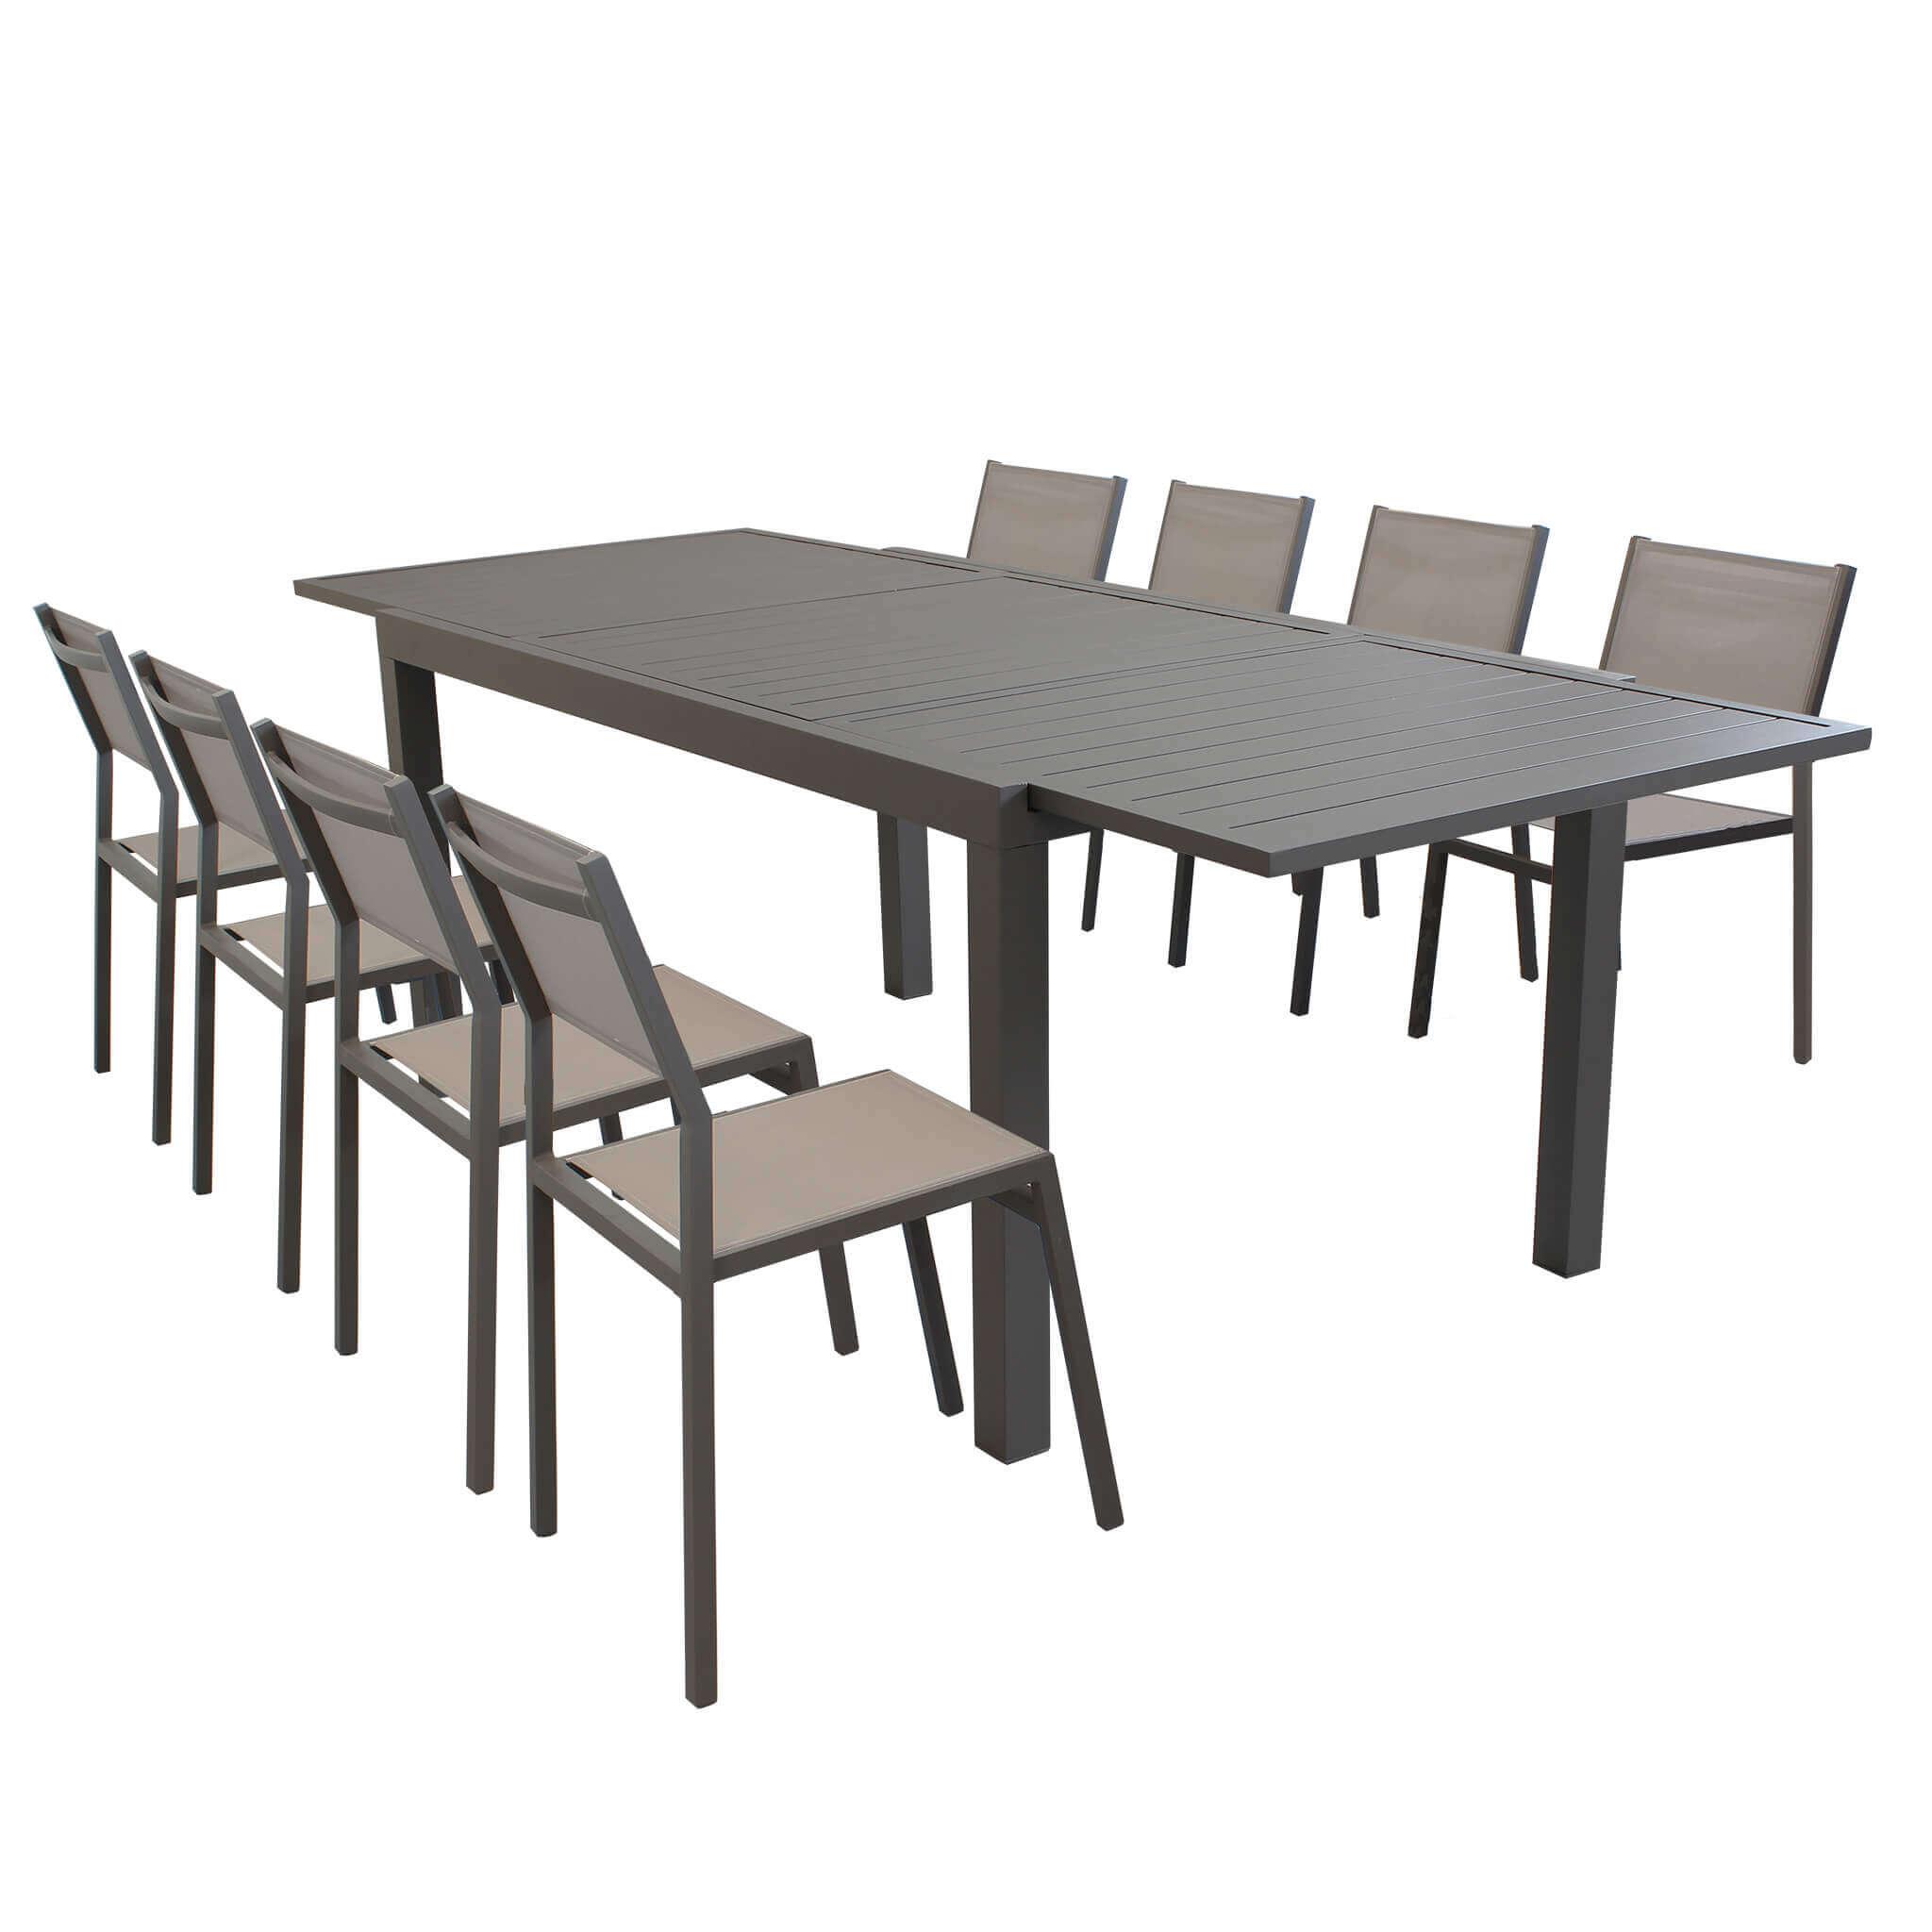 Milani Home DEXTER - set tavolo giardino rettangolare allungabile 160/240 x 90 con 8 sedie in alluminio e textilene taupe da esterno